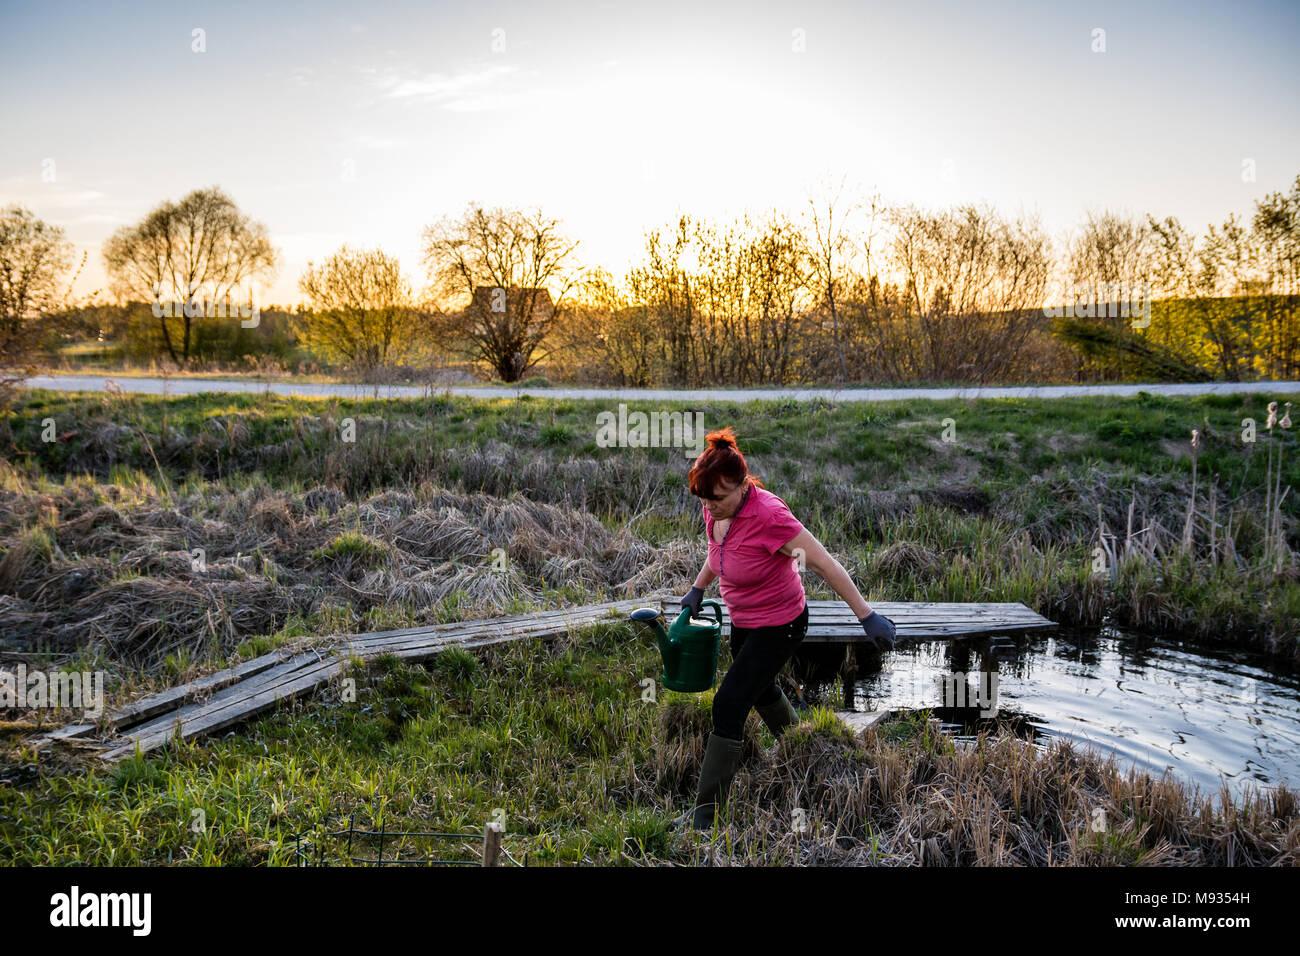 Kaukasische Frau Mit Grünen Gießkanne Gehen Auf Holz  Weg über Kleine Teich  Im Garten Im Frühjahr In Den Sonnenuntergang. Teich Für Die Bewässerung Des  ...